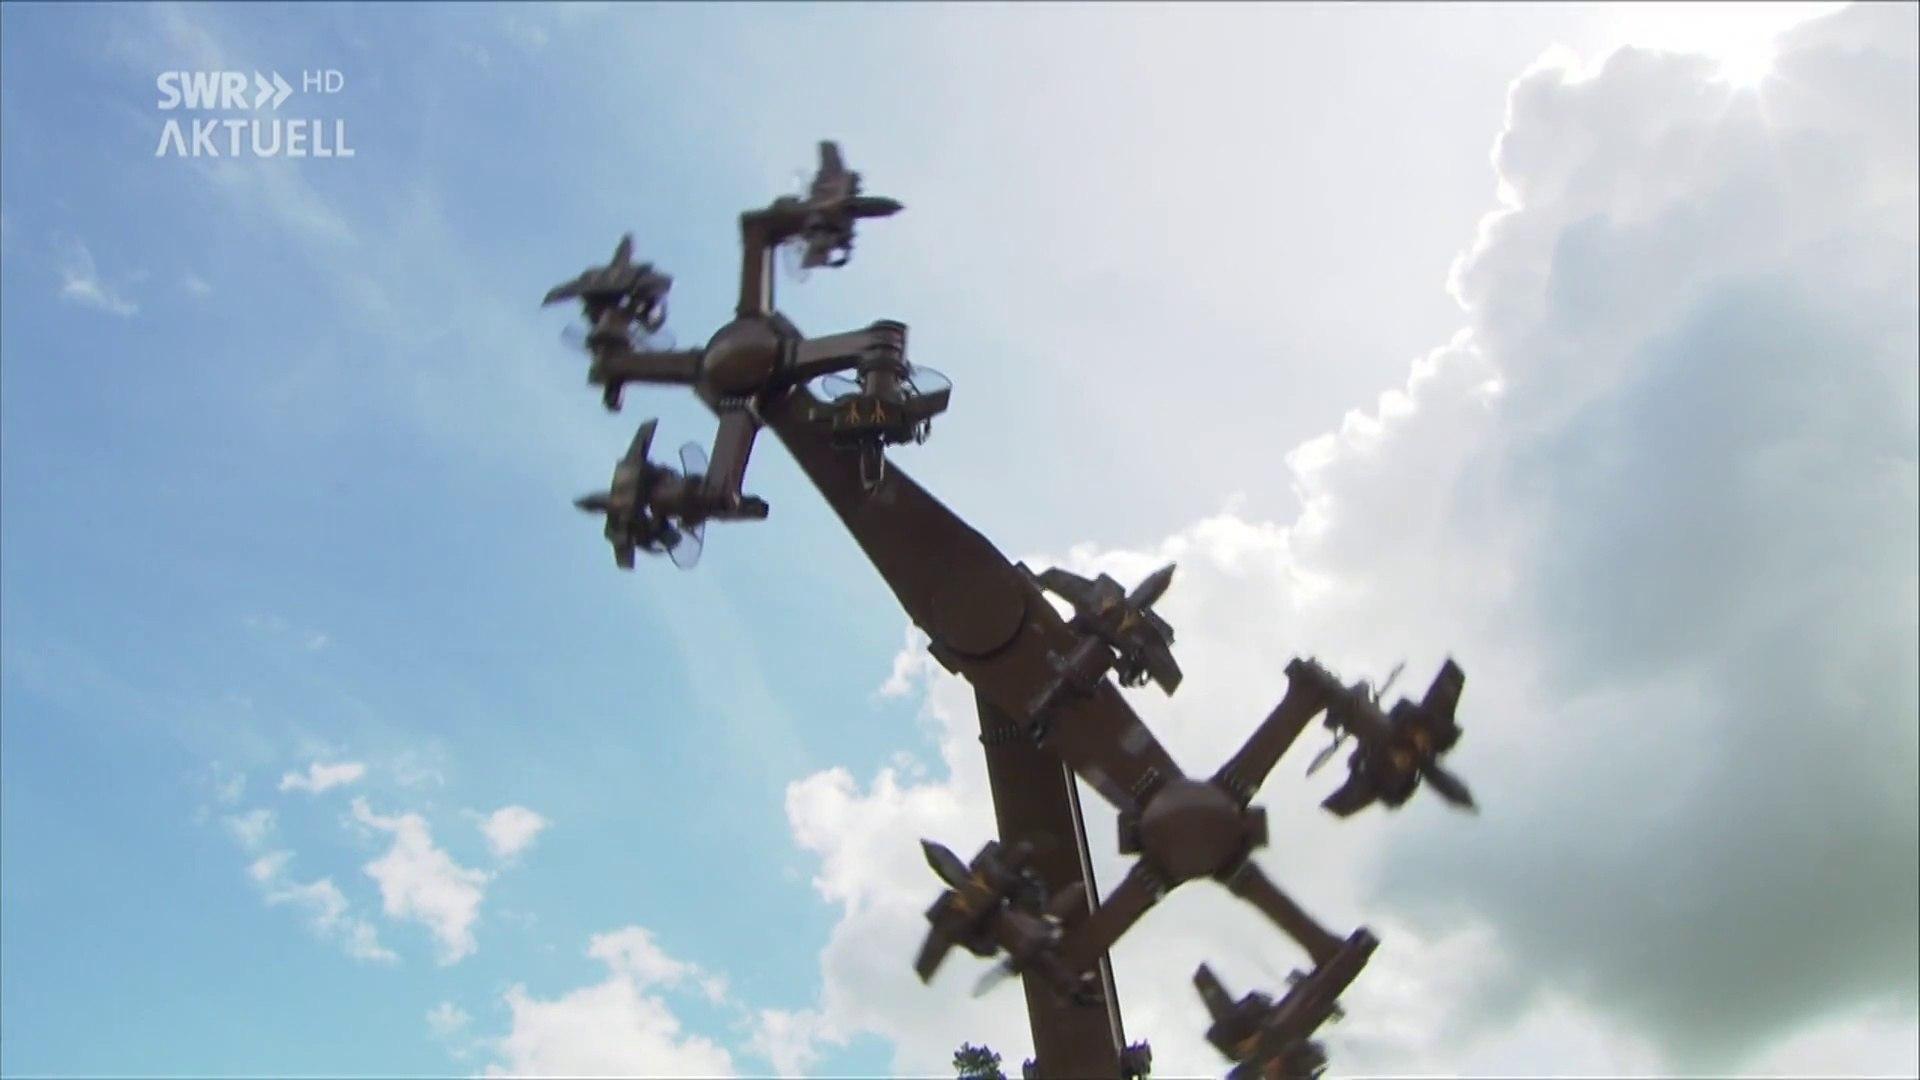 Hakenkreuz karussell schwarzwald